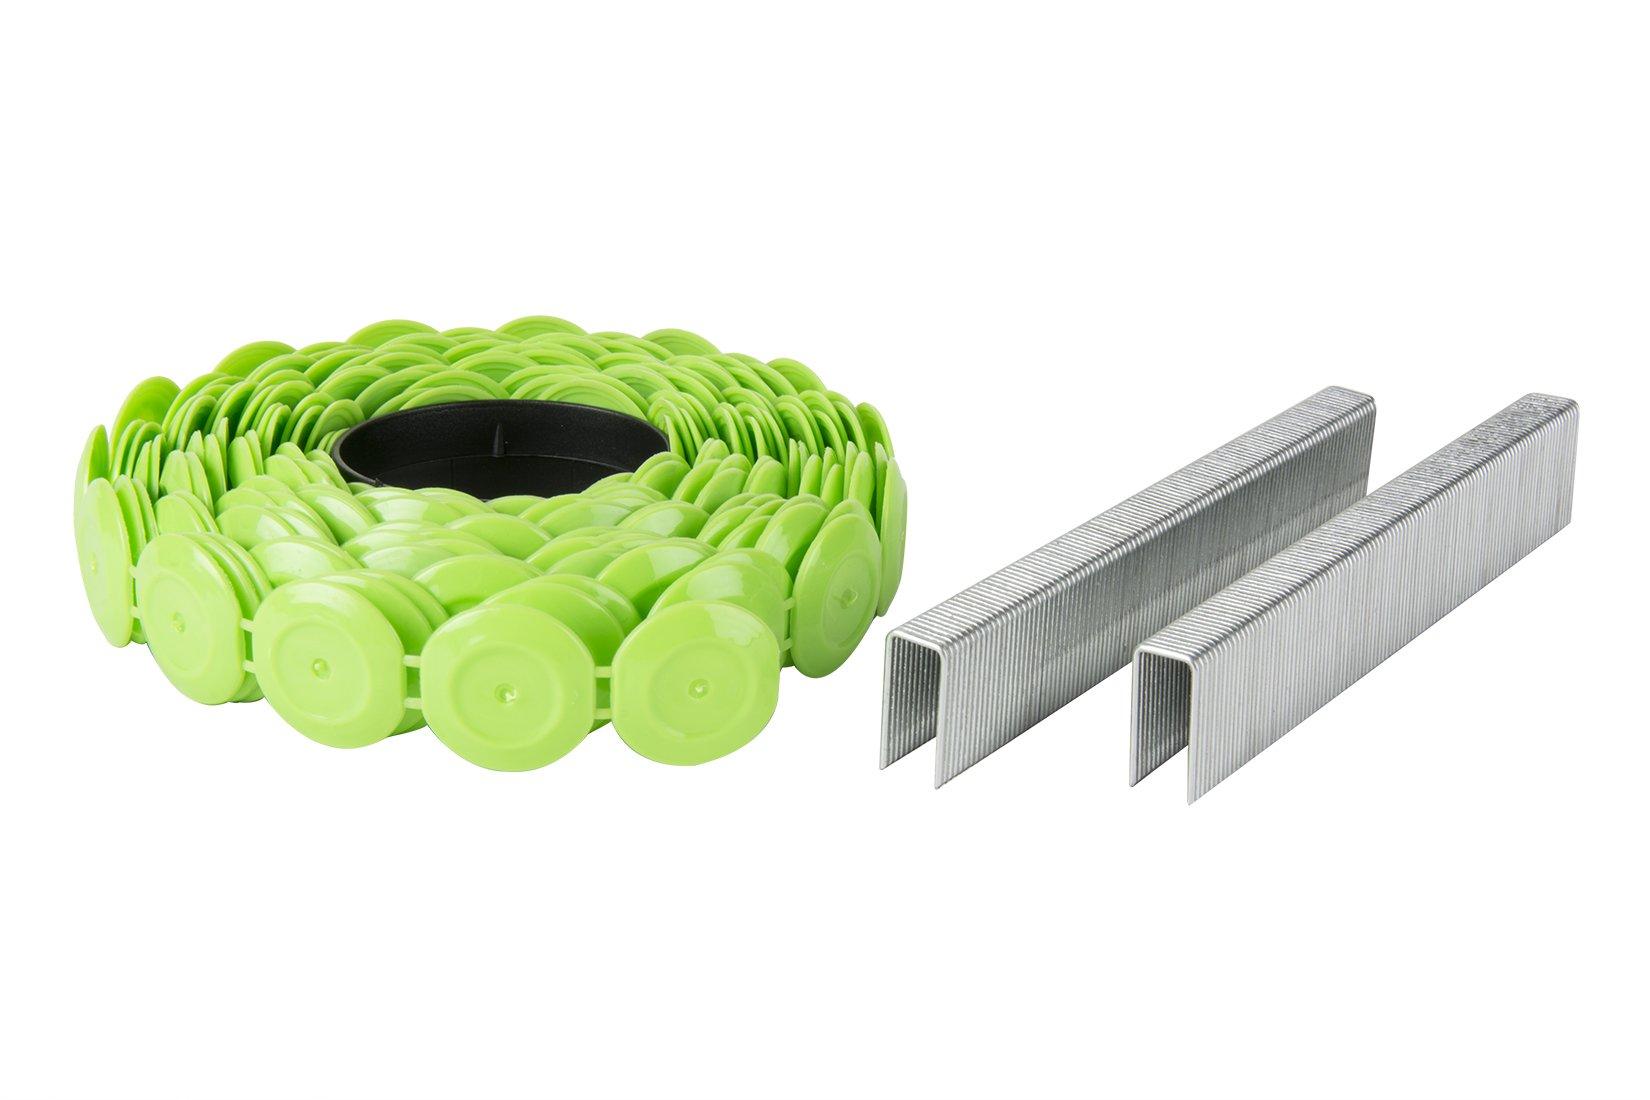 Hitachi 31105S 1-1/4'' x 18 GA EG Staple & Plastic Cap 2,000 Count by Hitachi